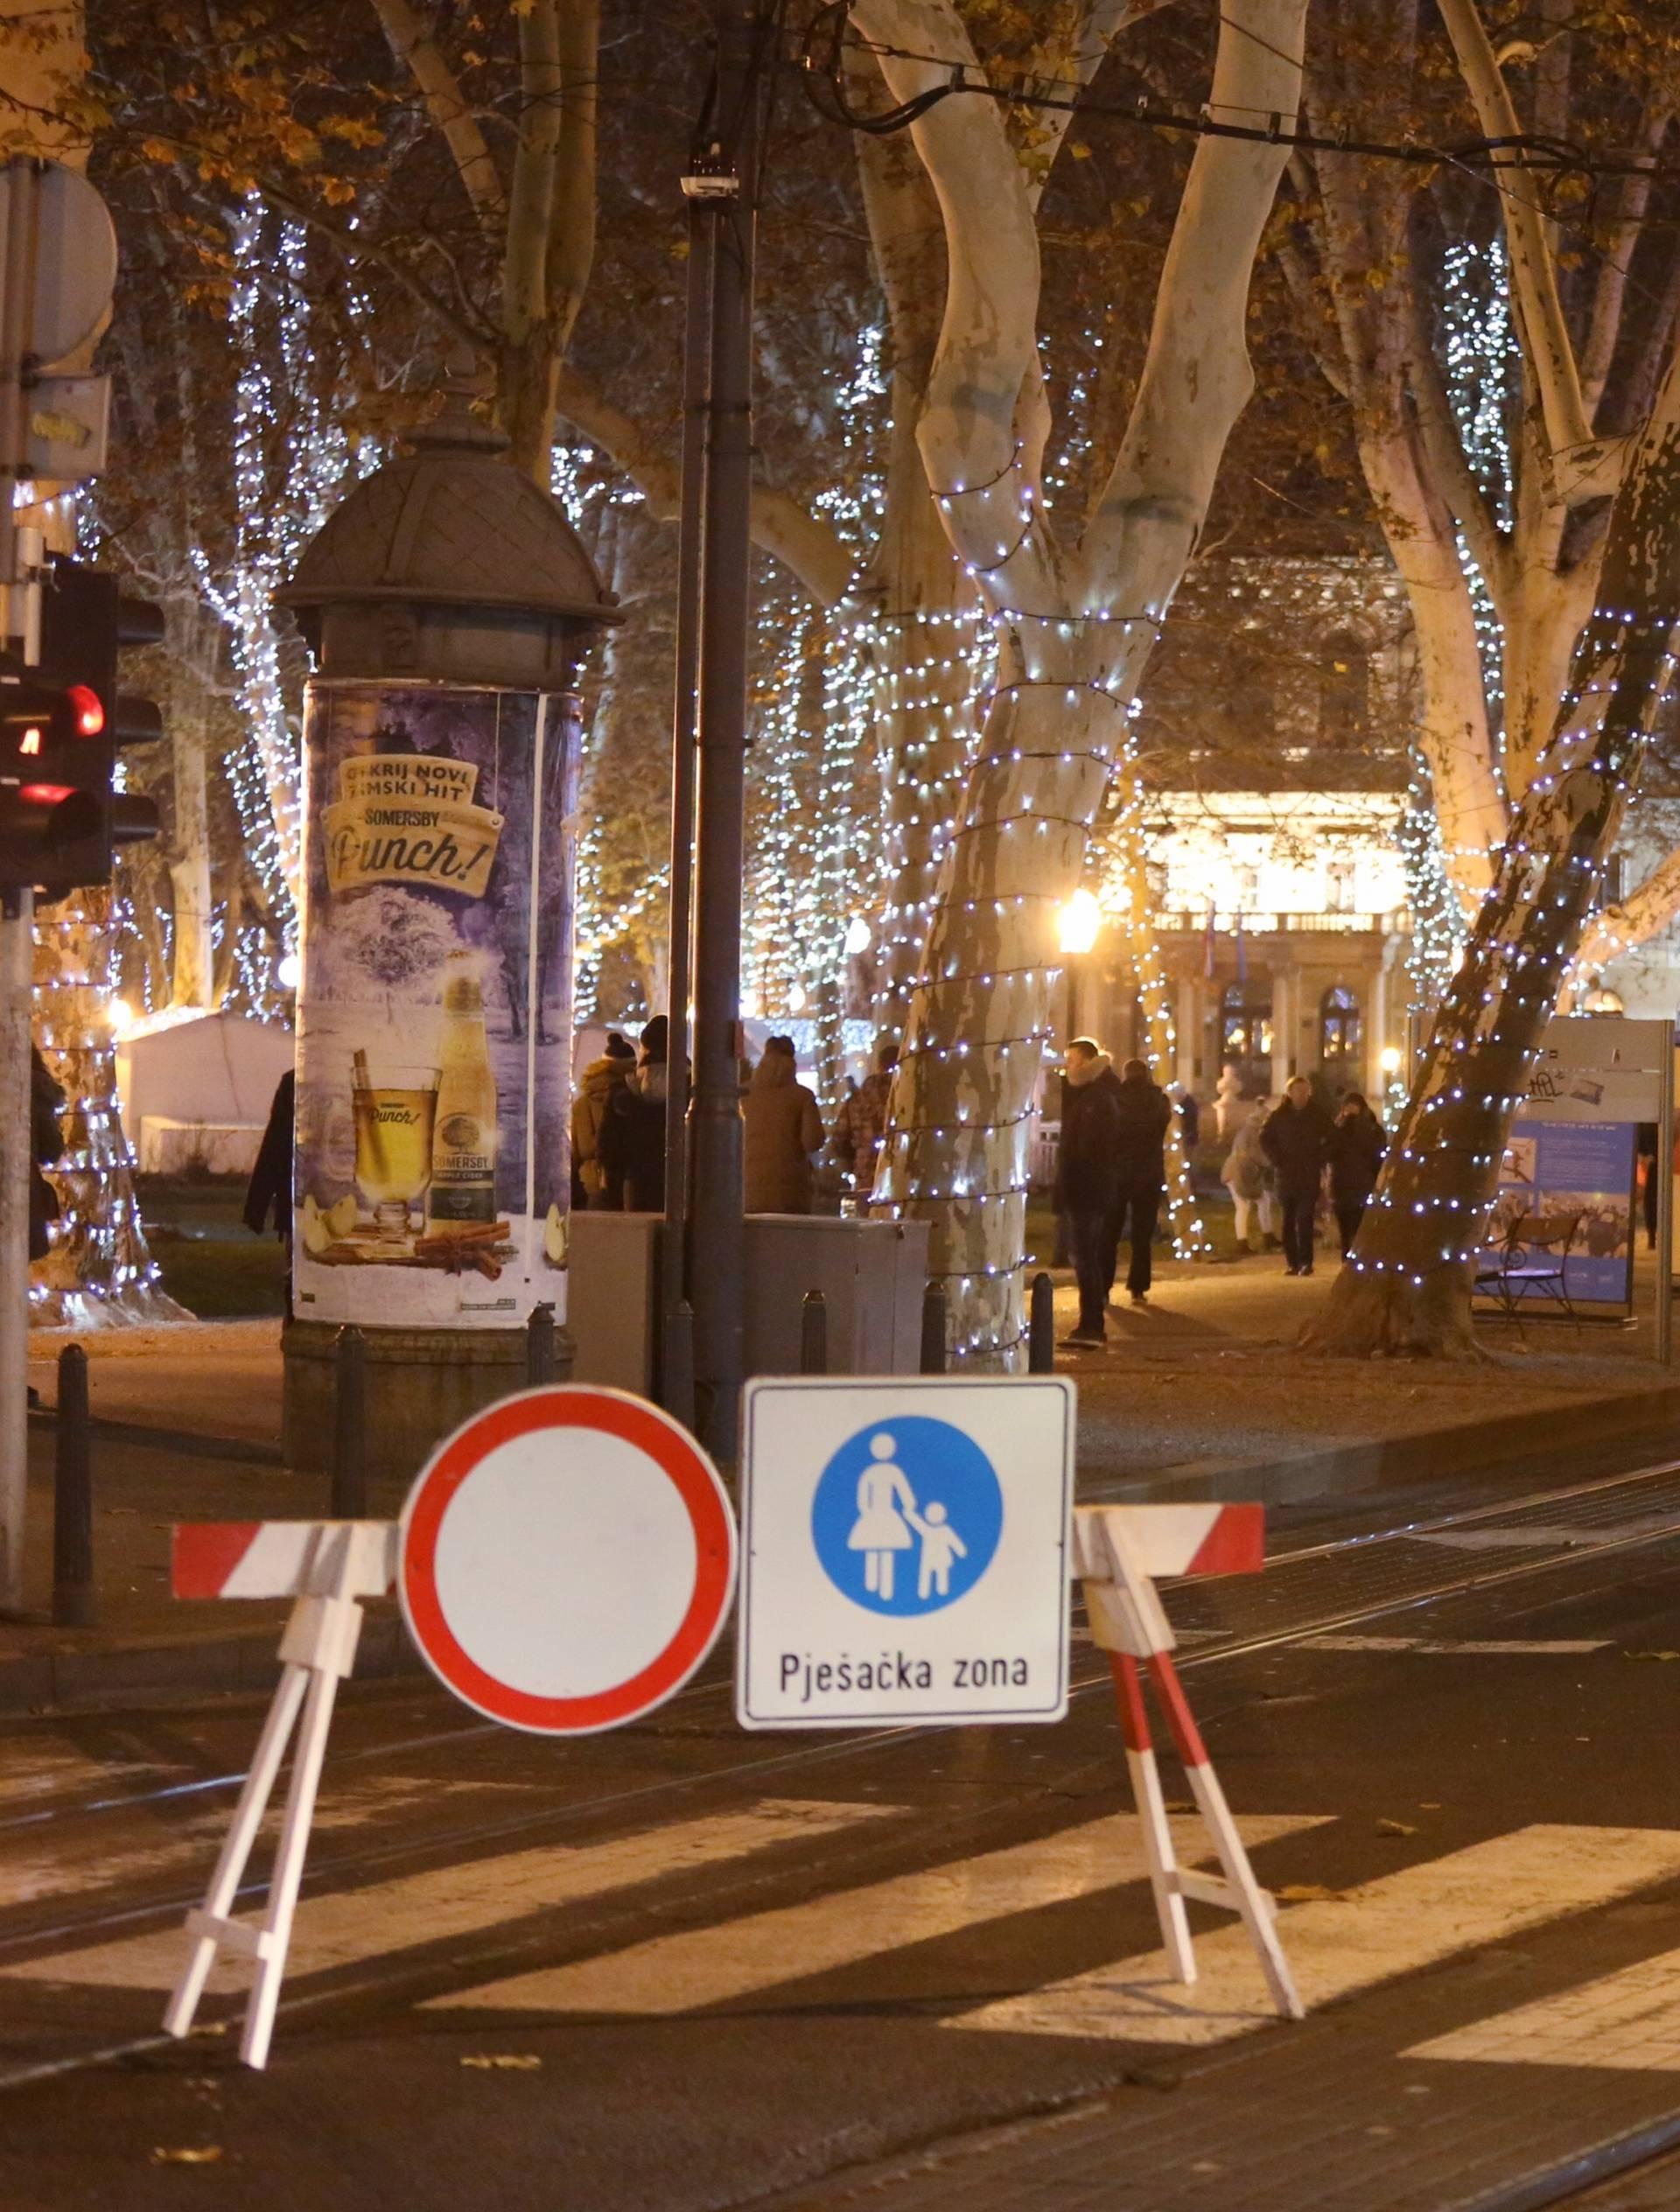 Sigurnost u Zagrebu: 'Trebat ćemo čvršće fizičke prepreke'